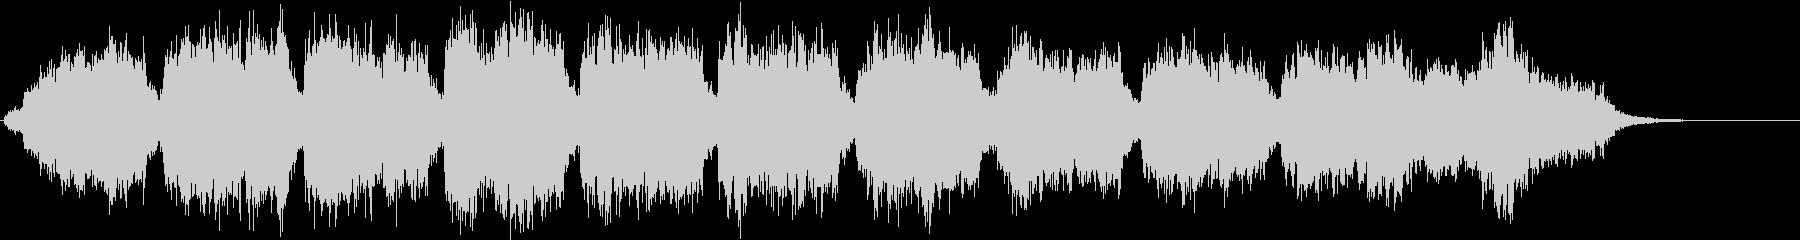 ハロウィン ホラー モンスターBGM 1の未再生の波形